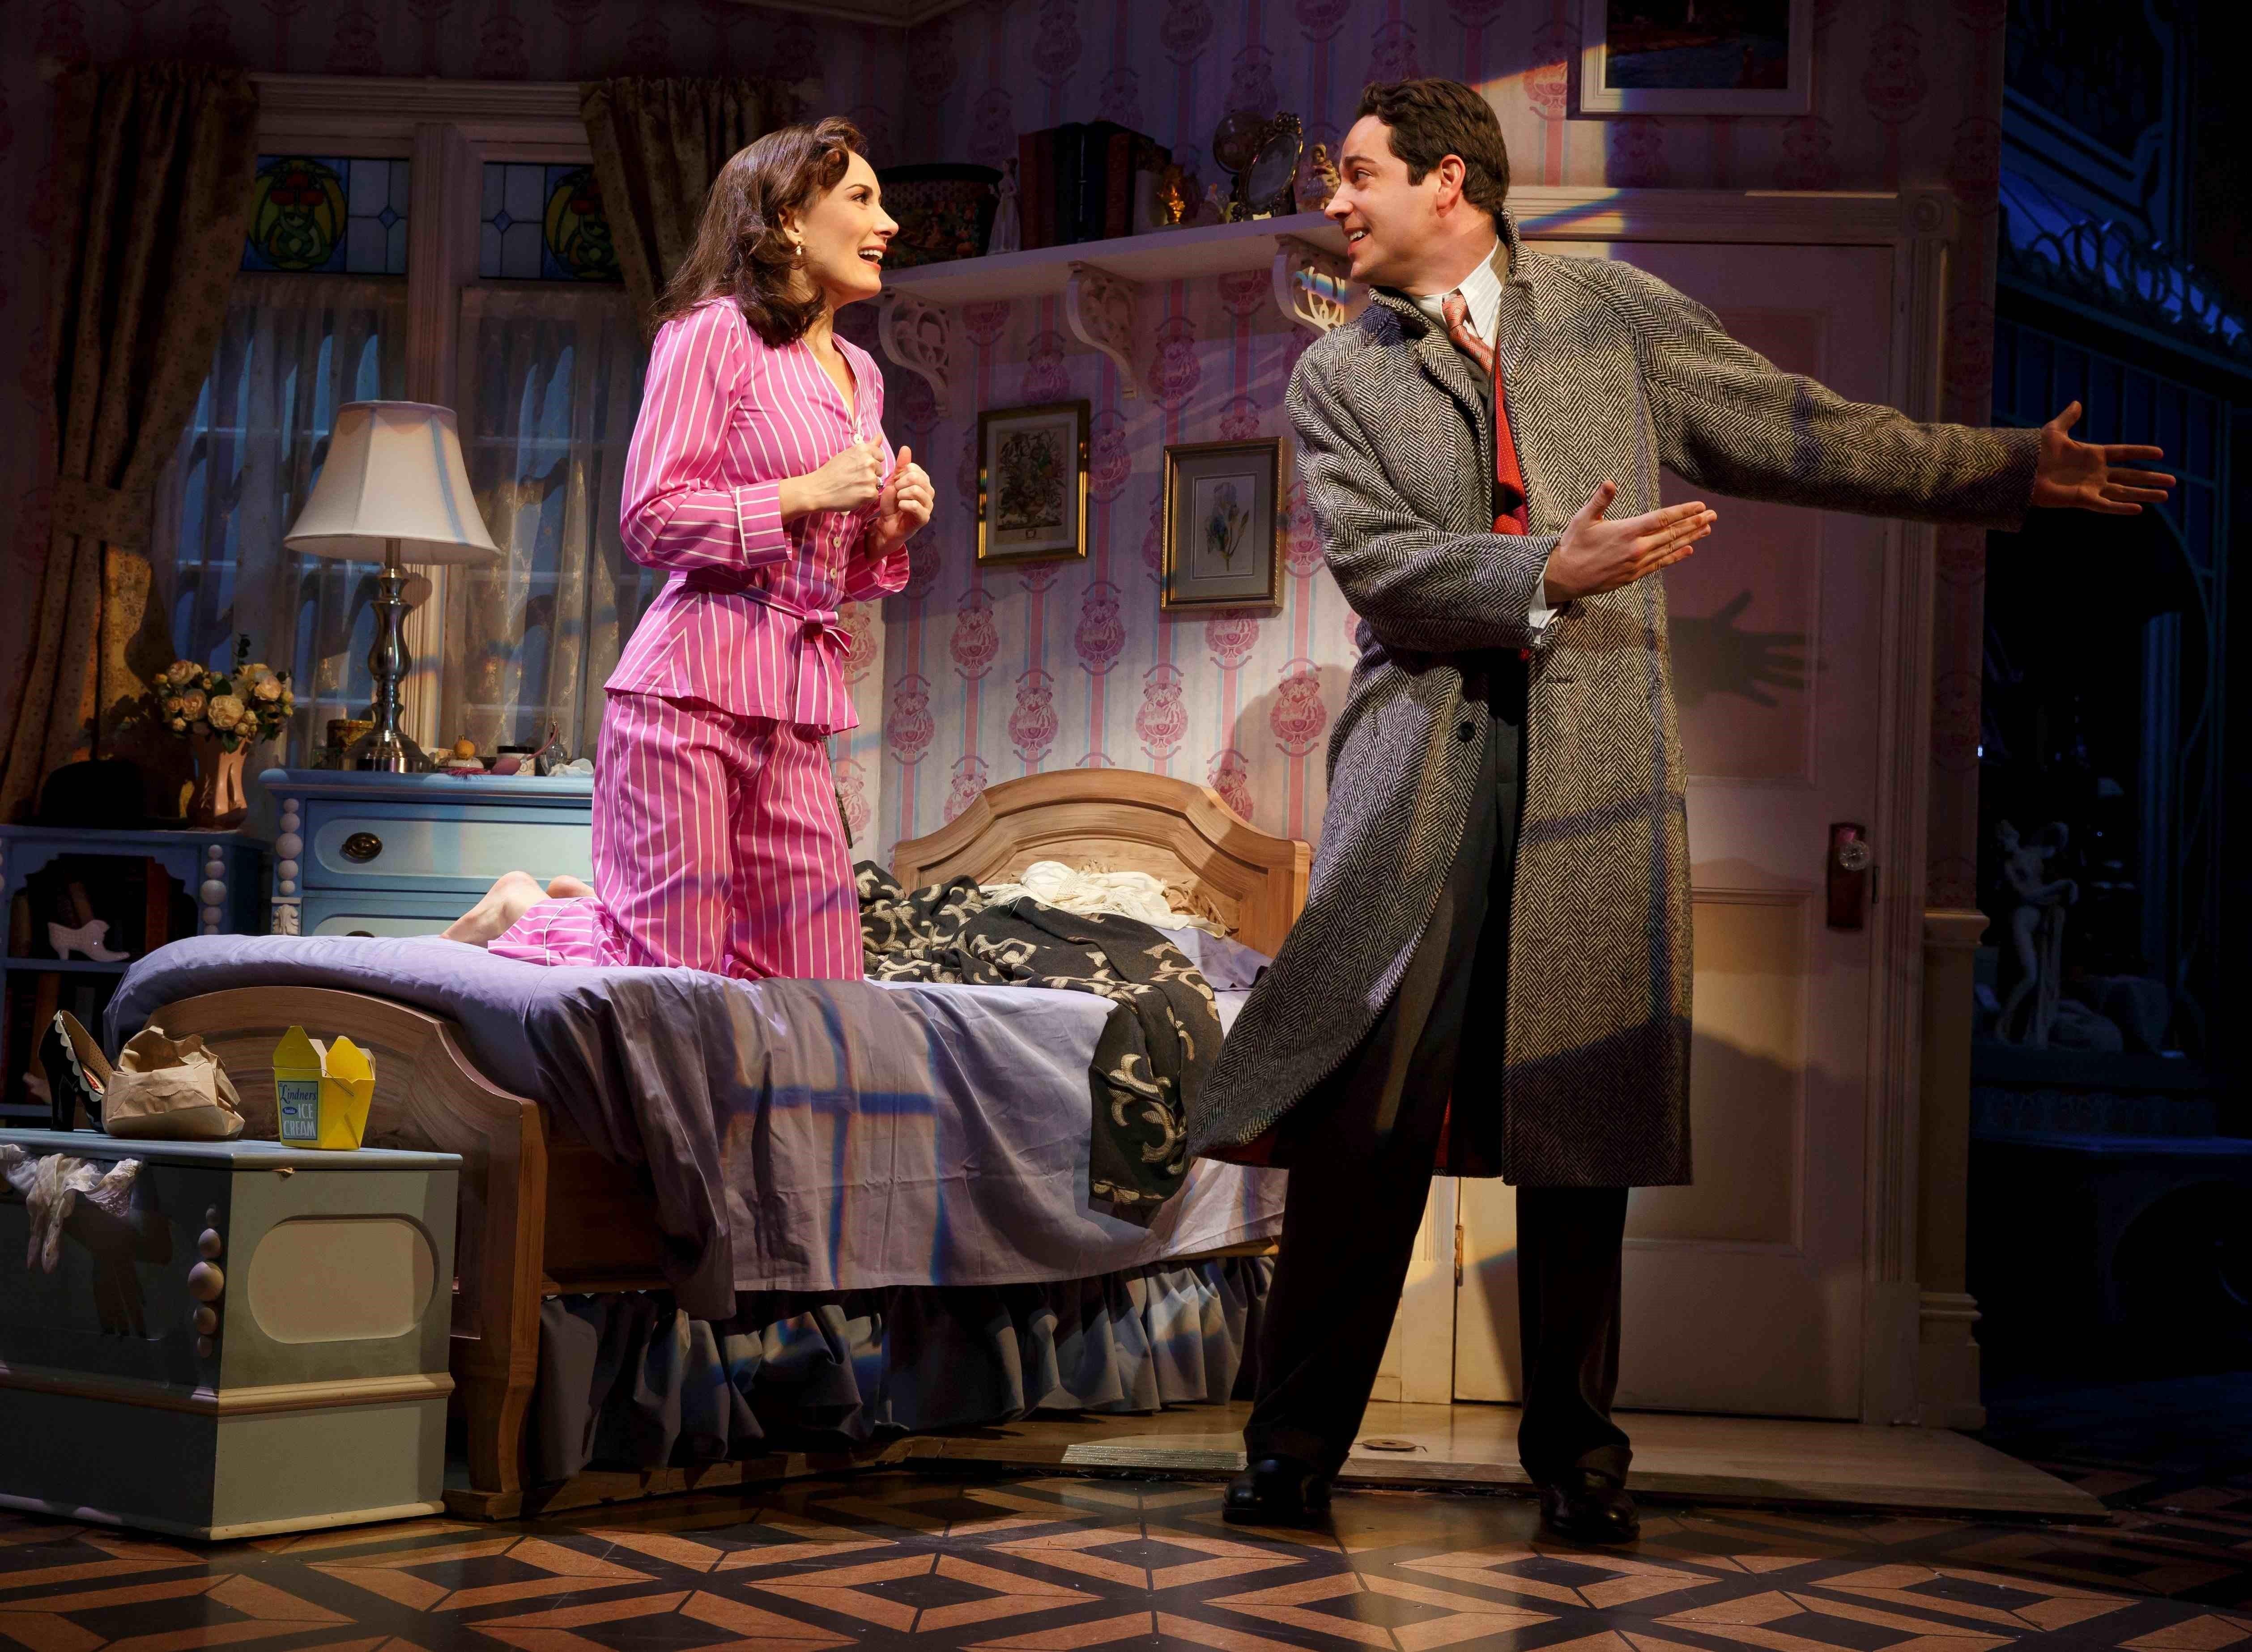 『シー・ラヴズ・ミー』、主演のザカリー・リーヴァイ(右)とローラ・ベナンティ ©Joan Marcus